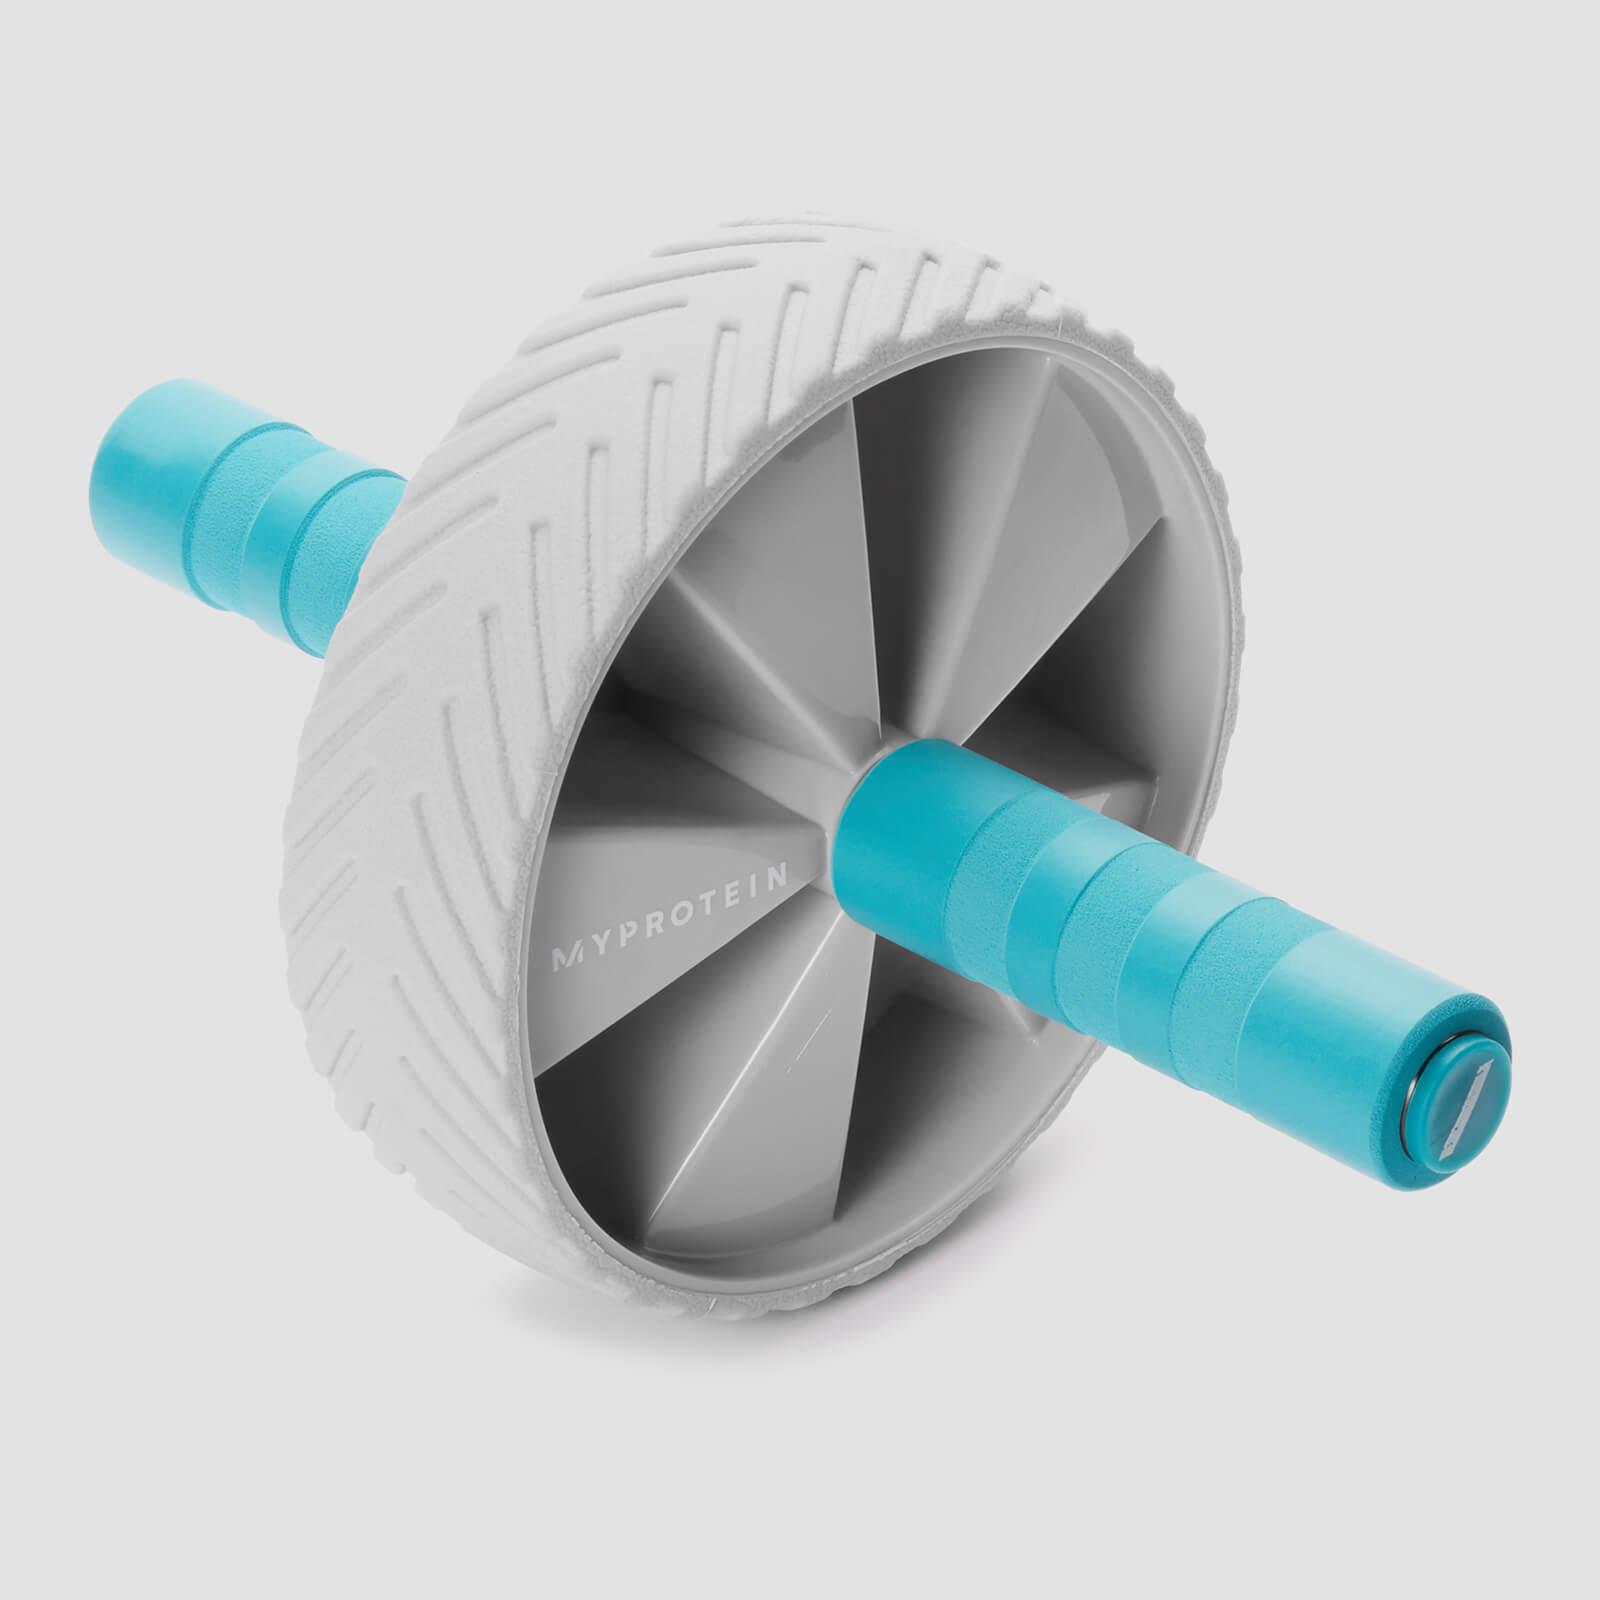 Myprotein My Protein Duo Wheel